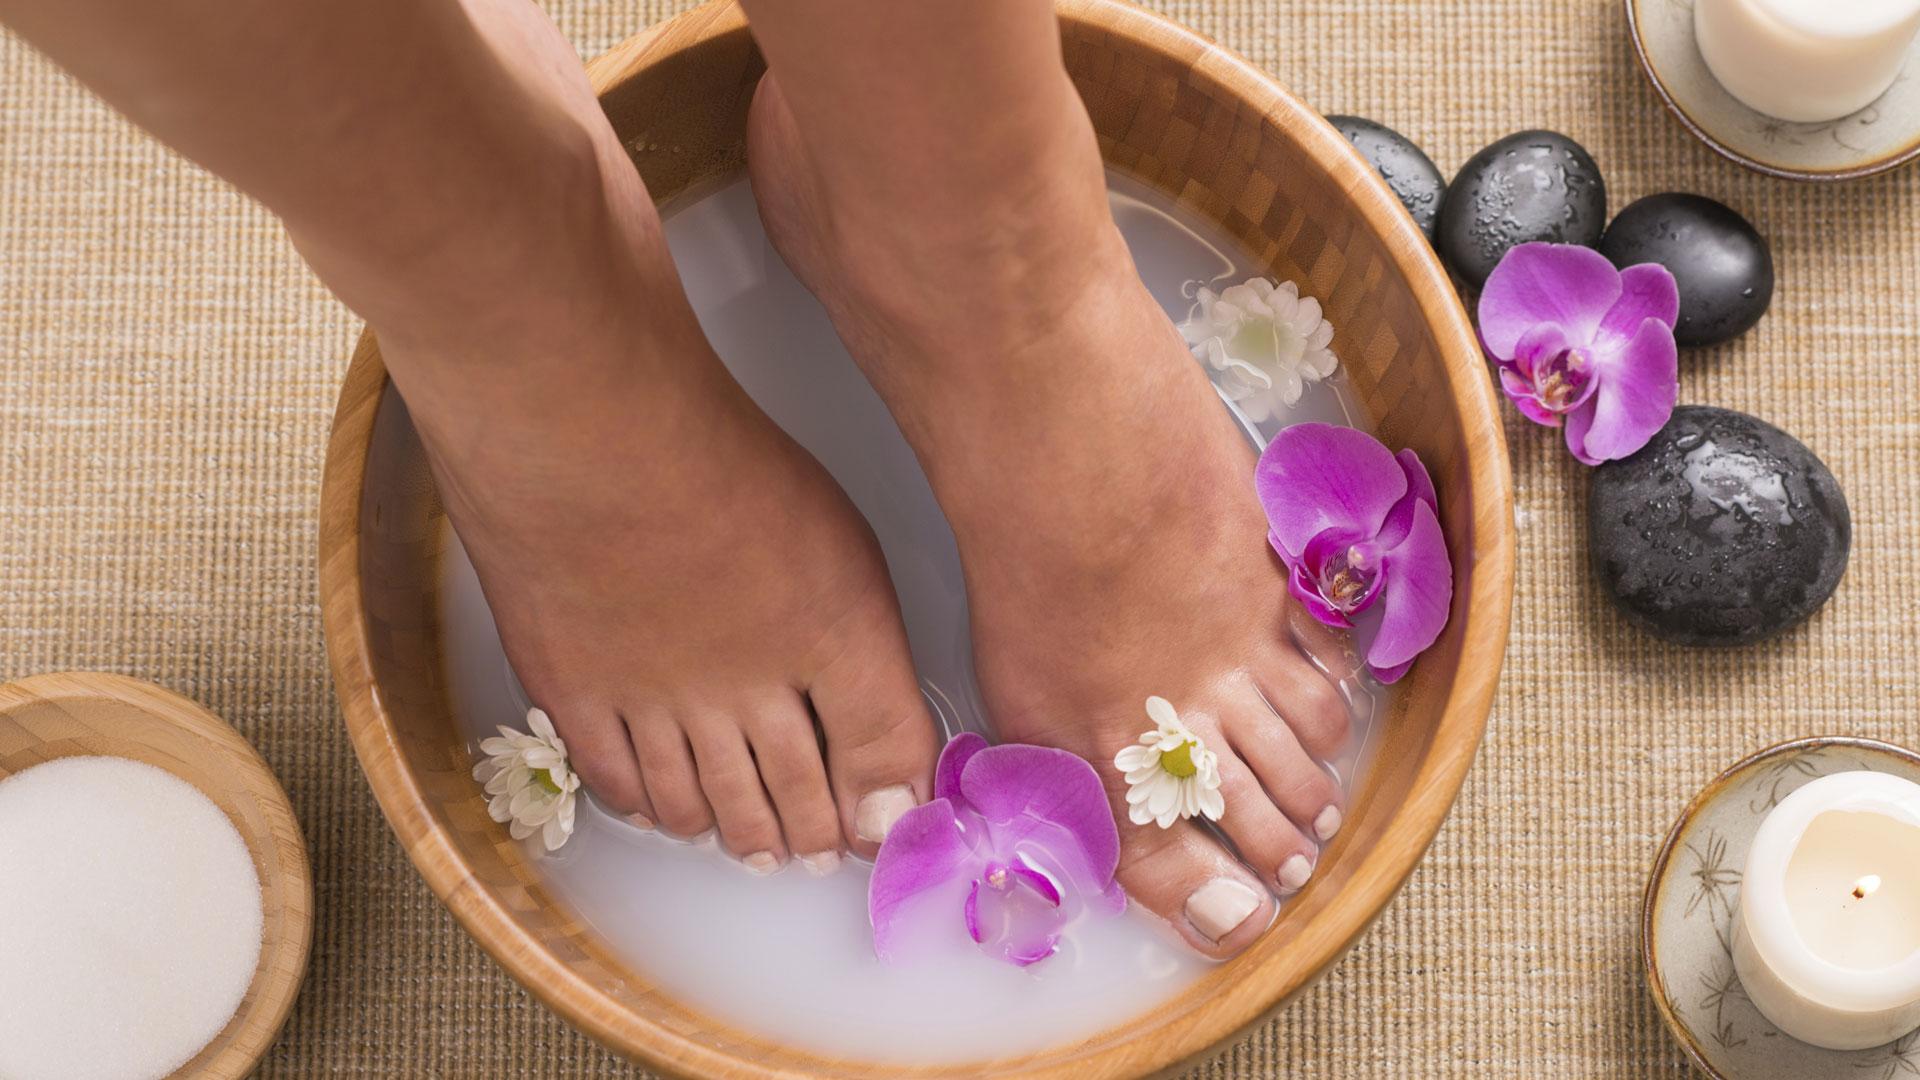 Woman's feet at spa